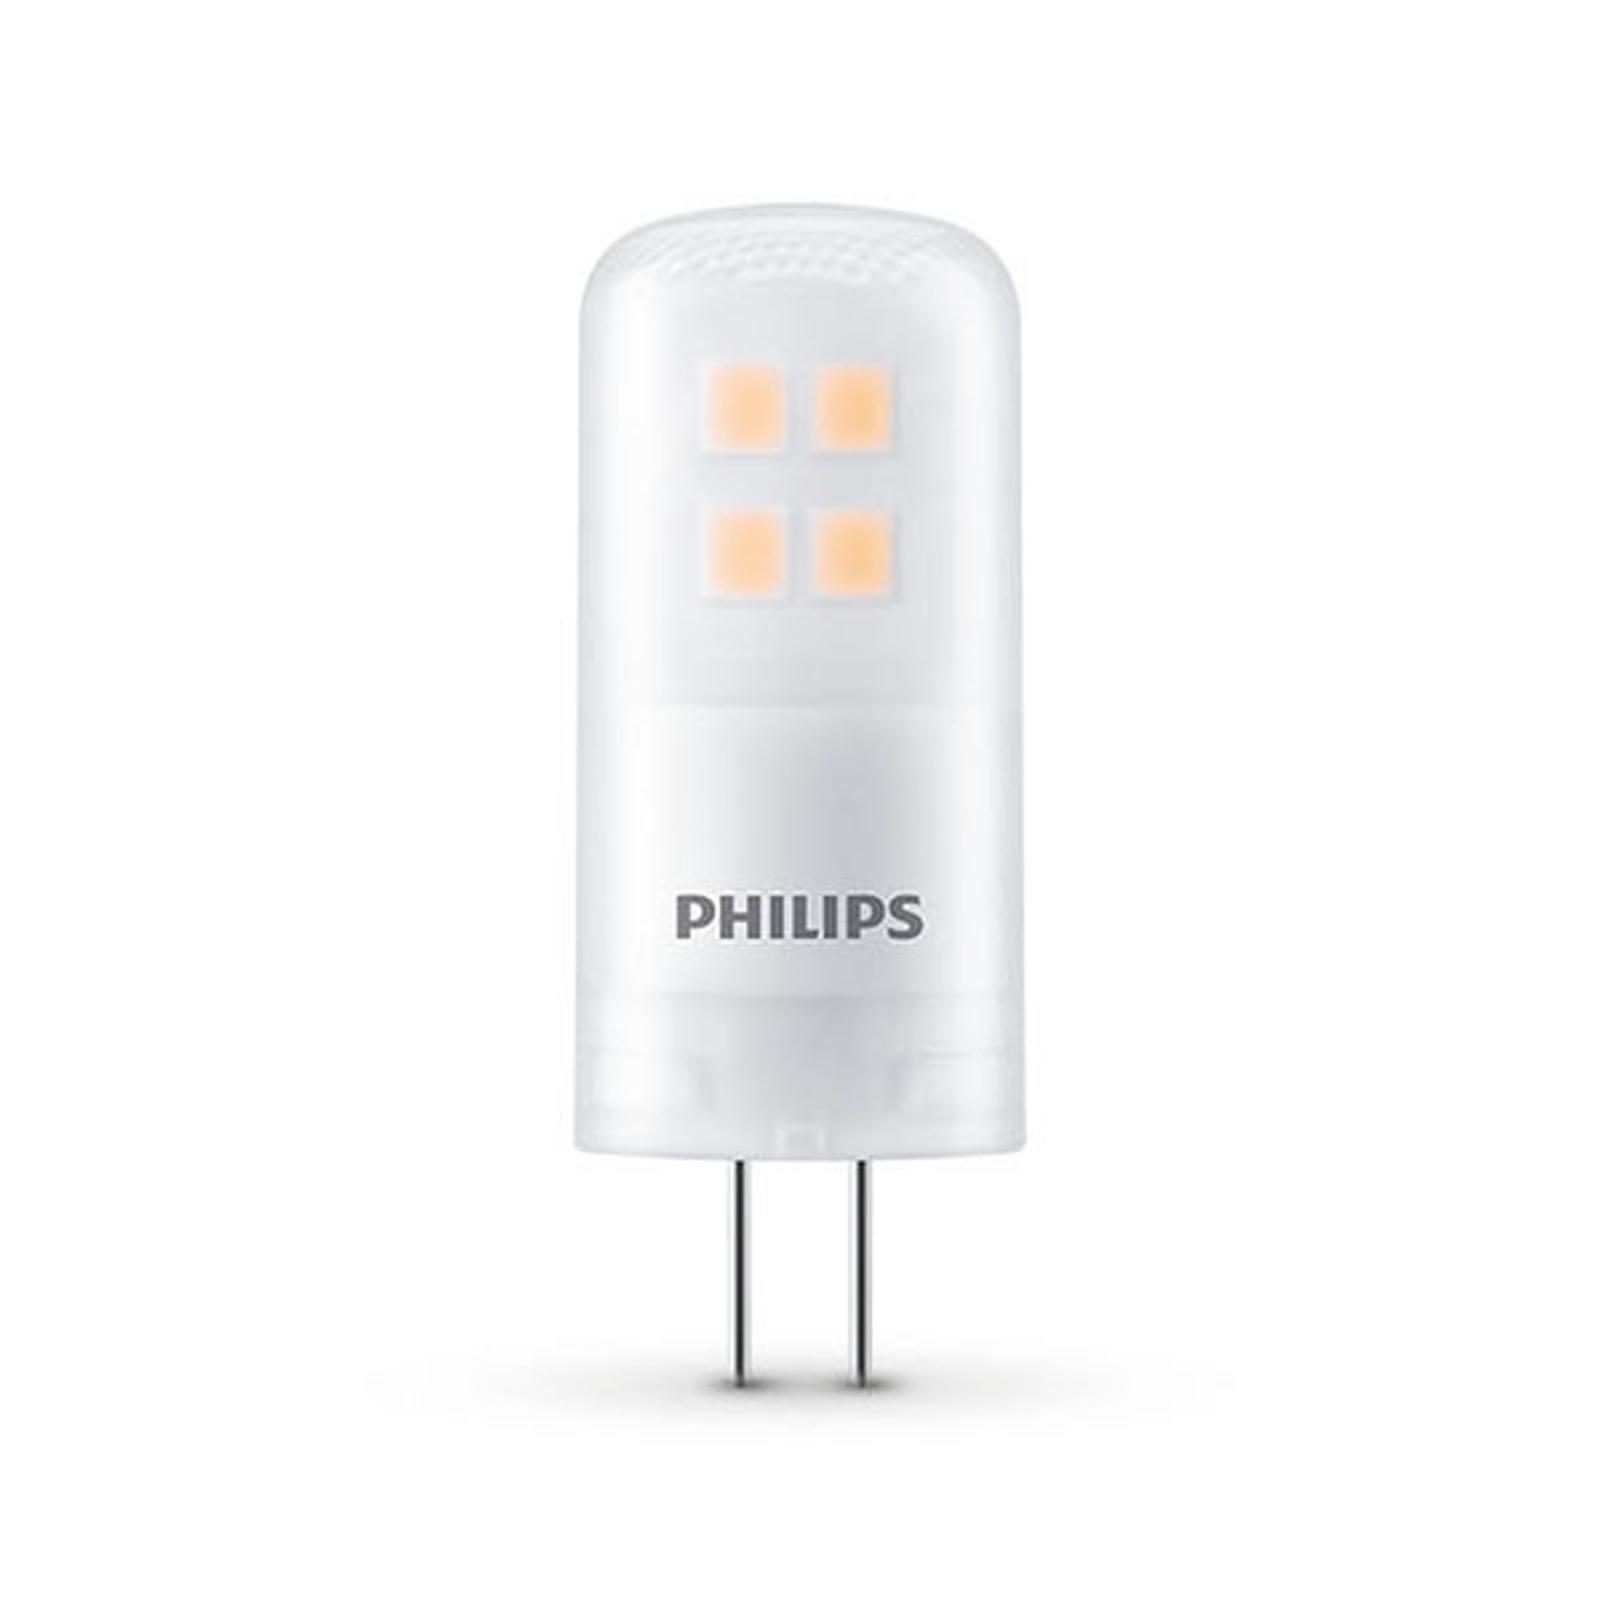 Philips żarówka sztyft LED G4 2,7W 2700K matowa